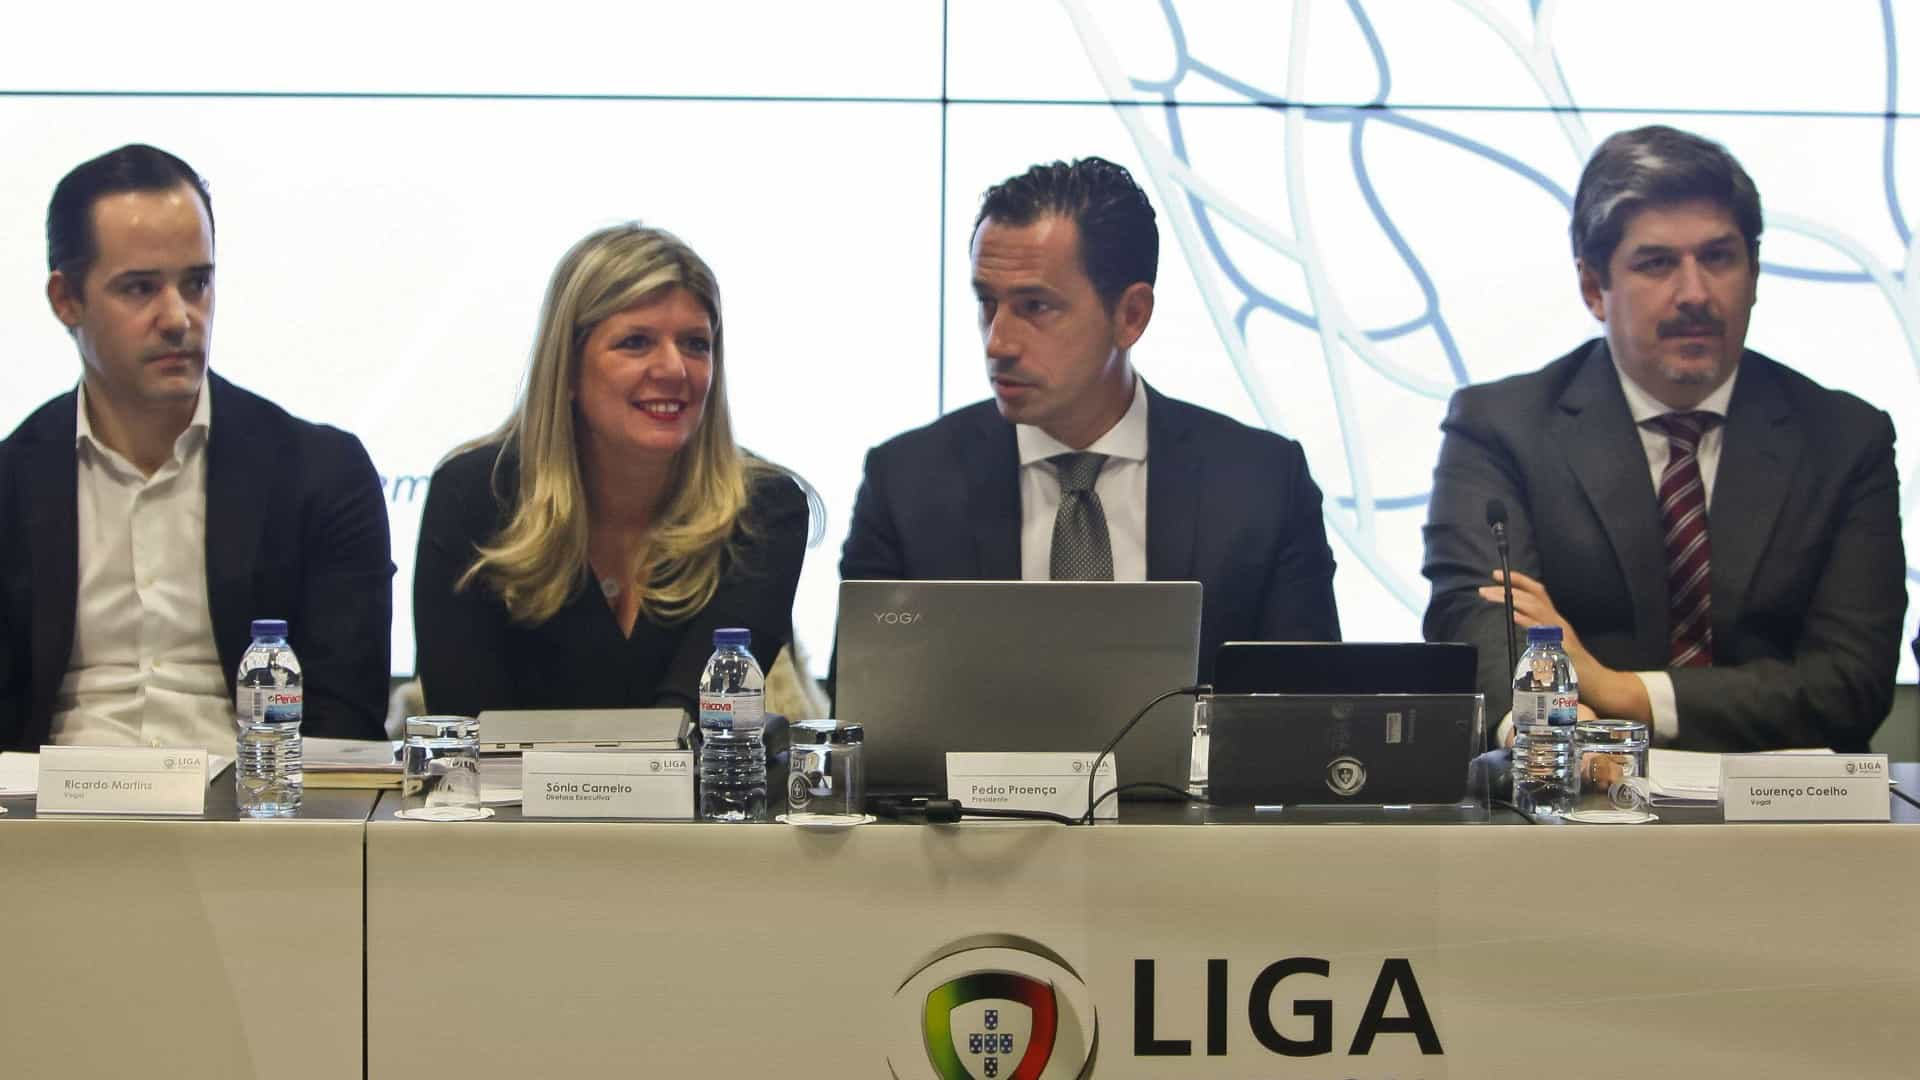 António Salvador critica Sporting e FC Porto e elogia Benfica